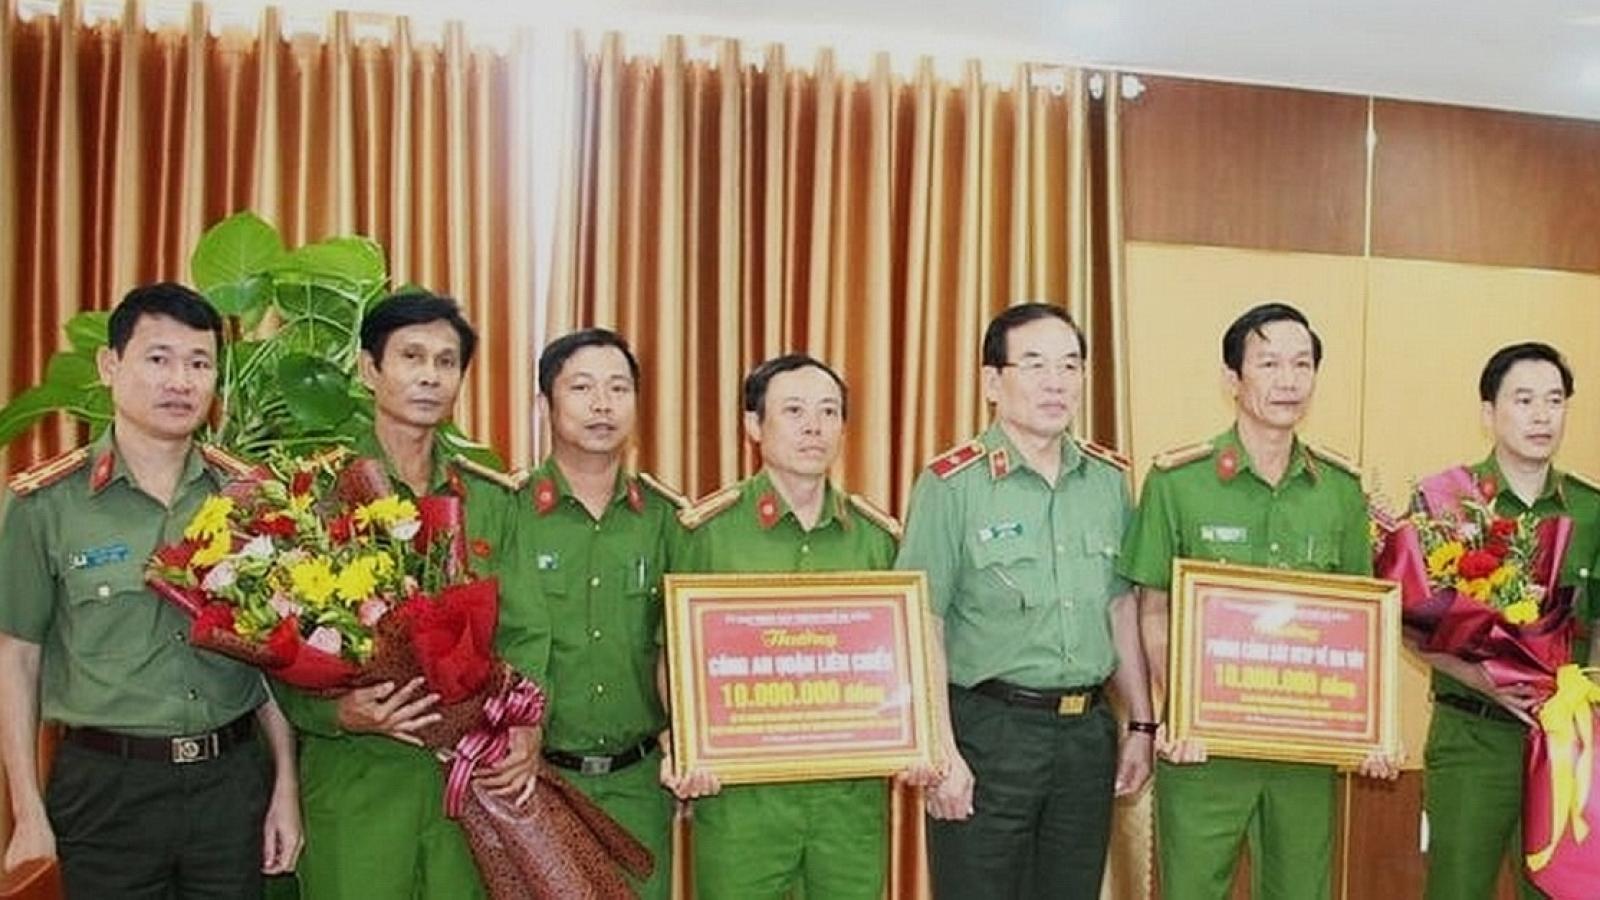 Đà Nẵng khen thưởng công an phá 2 chuyên án ma túy lớn